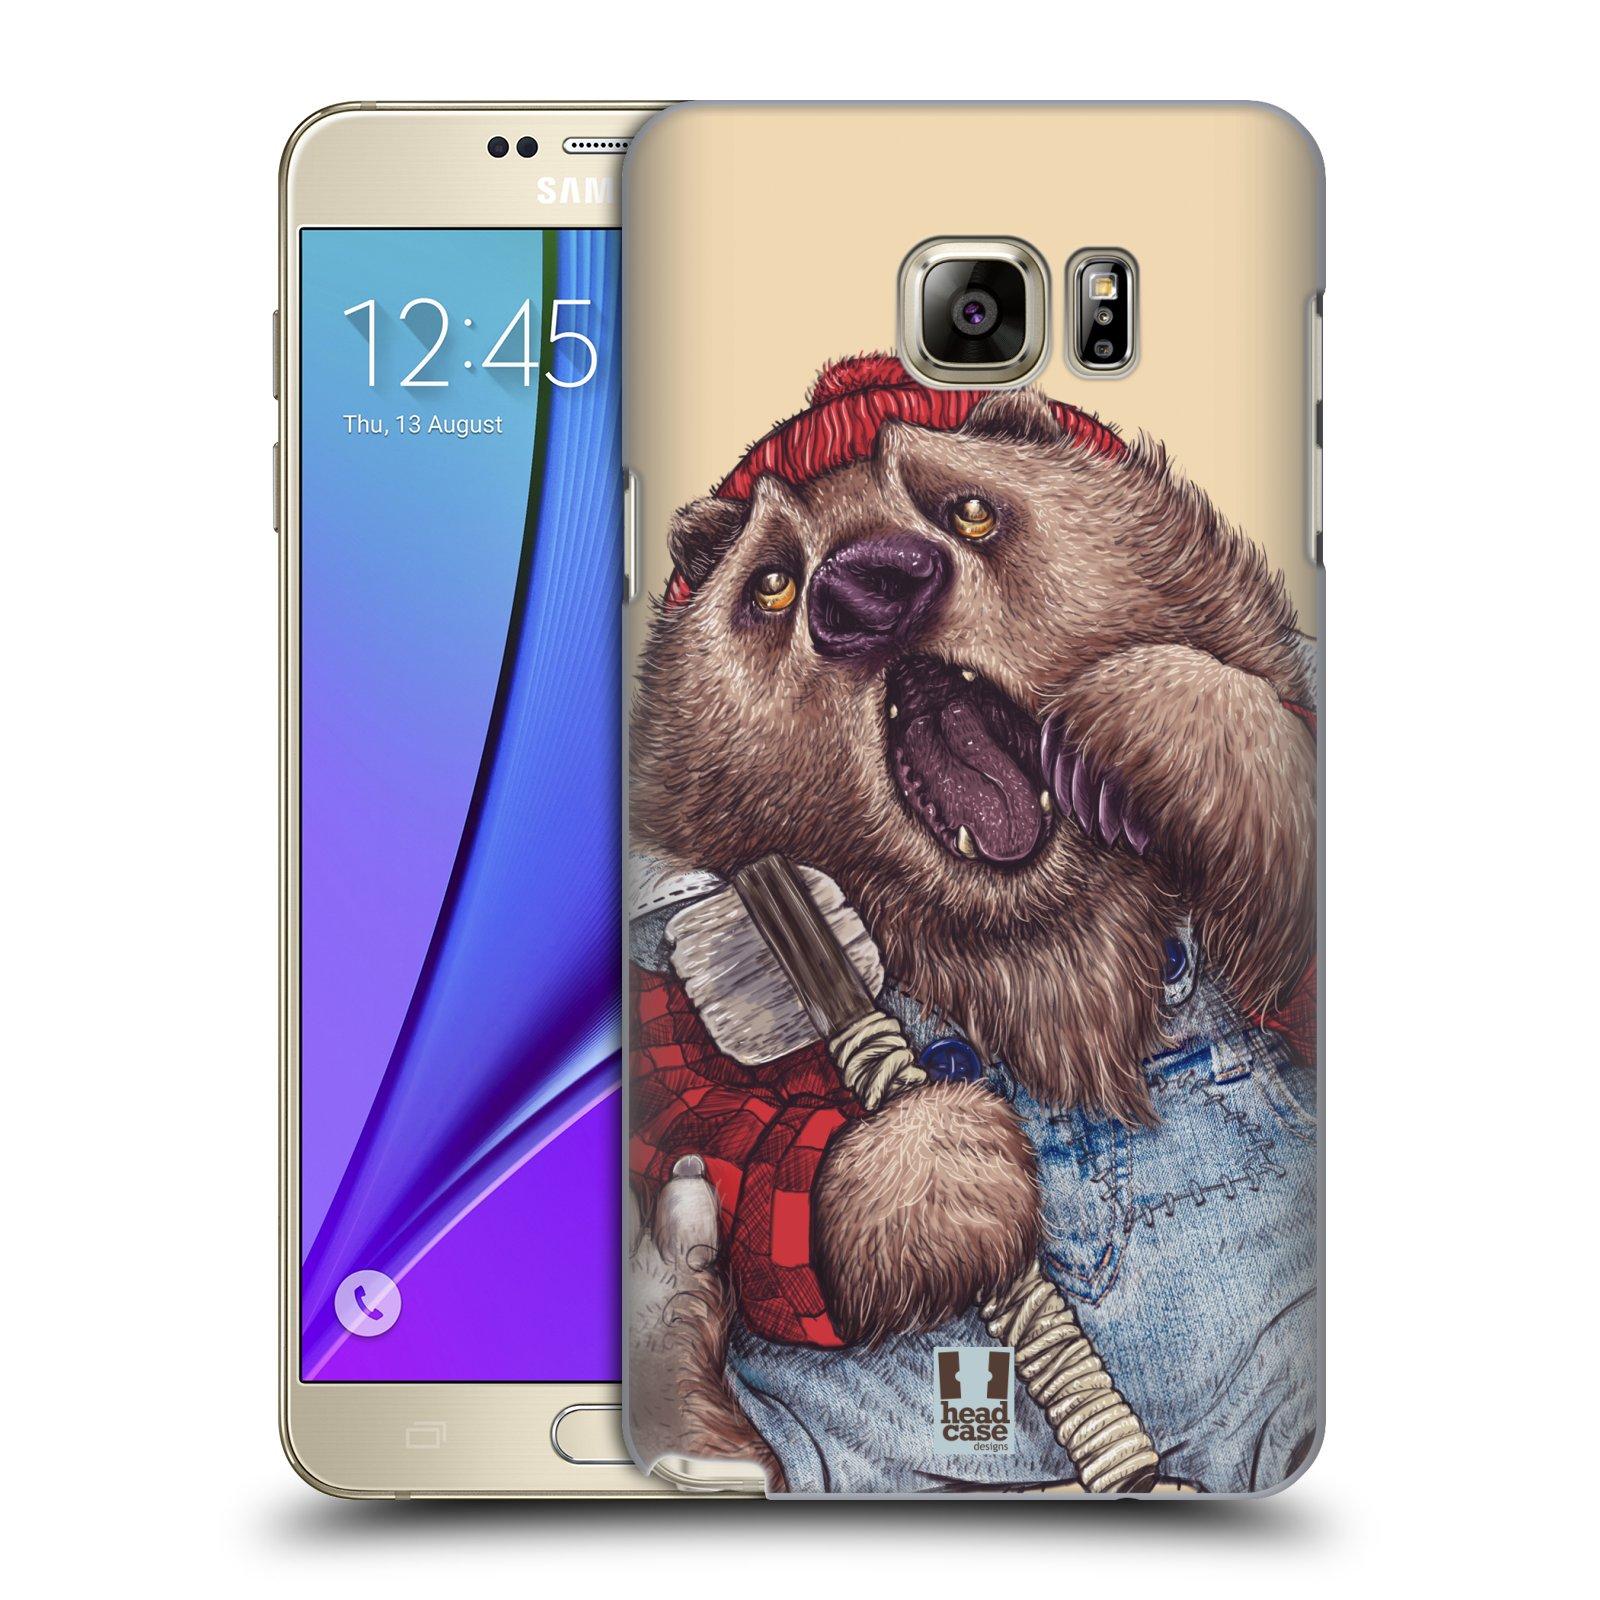 HEAD CASE plastový obal na mobil SAMSUNG Galaxy Note 5 (N920) vzor Kreslená zvířátka medvěd